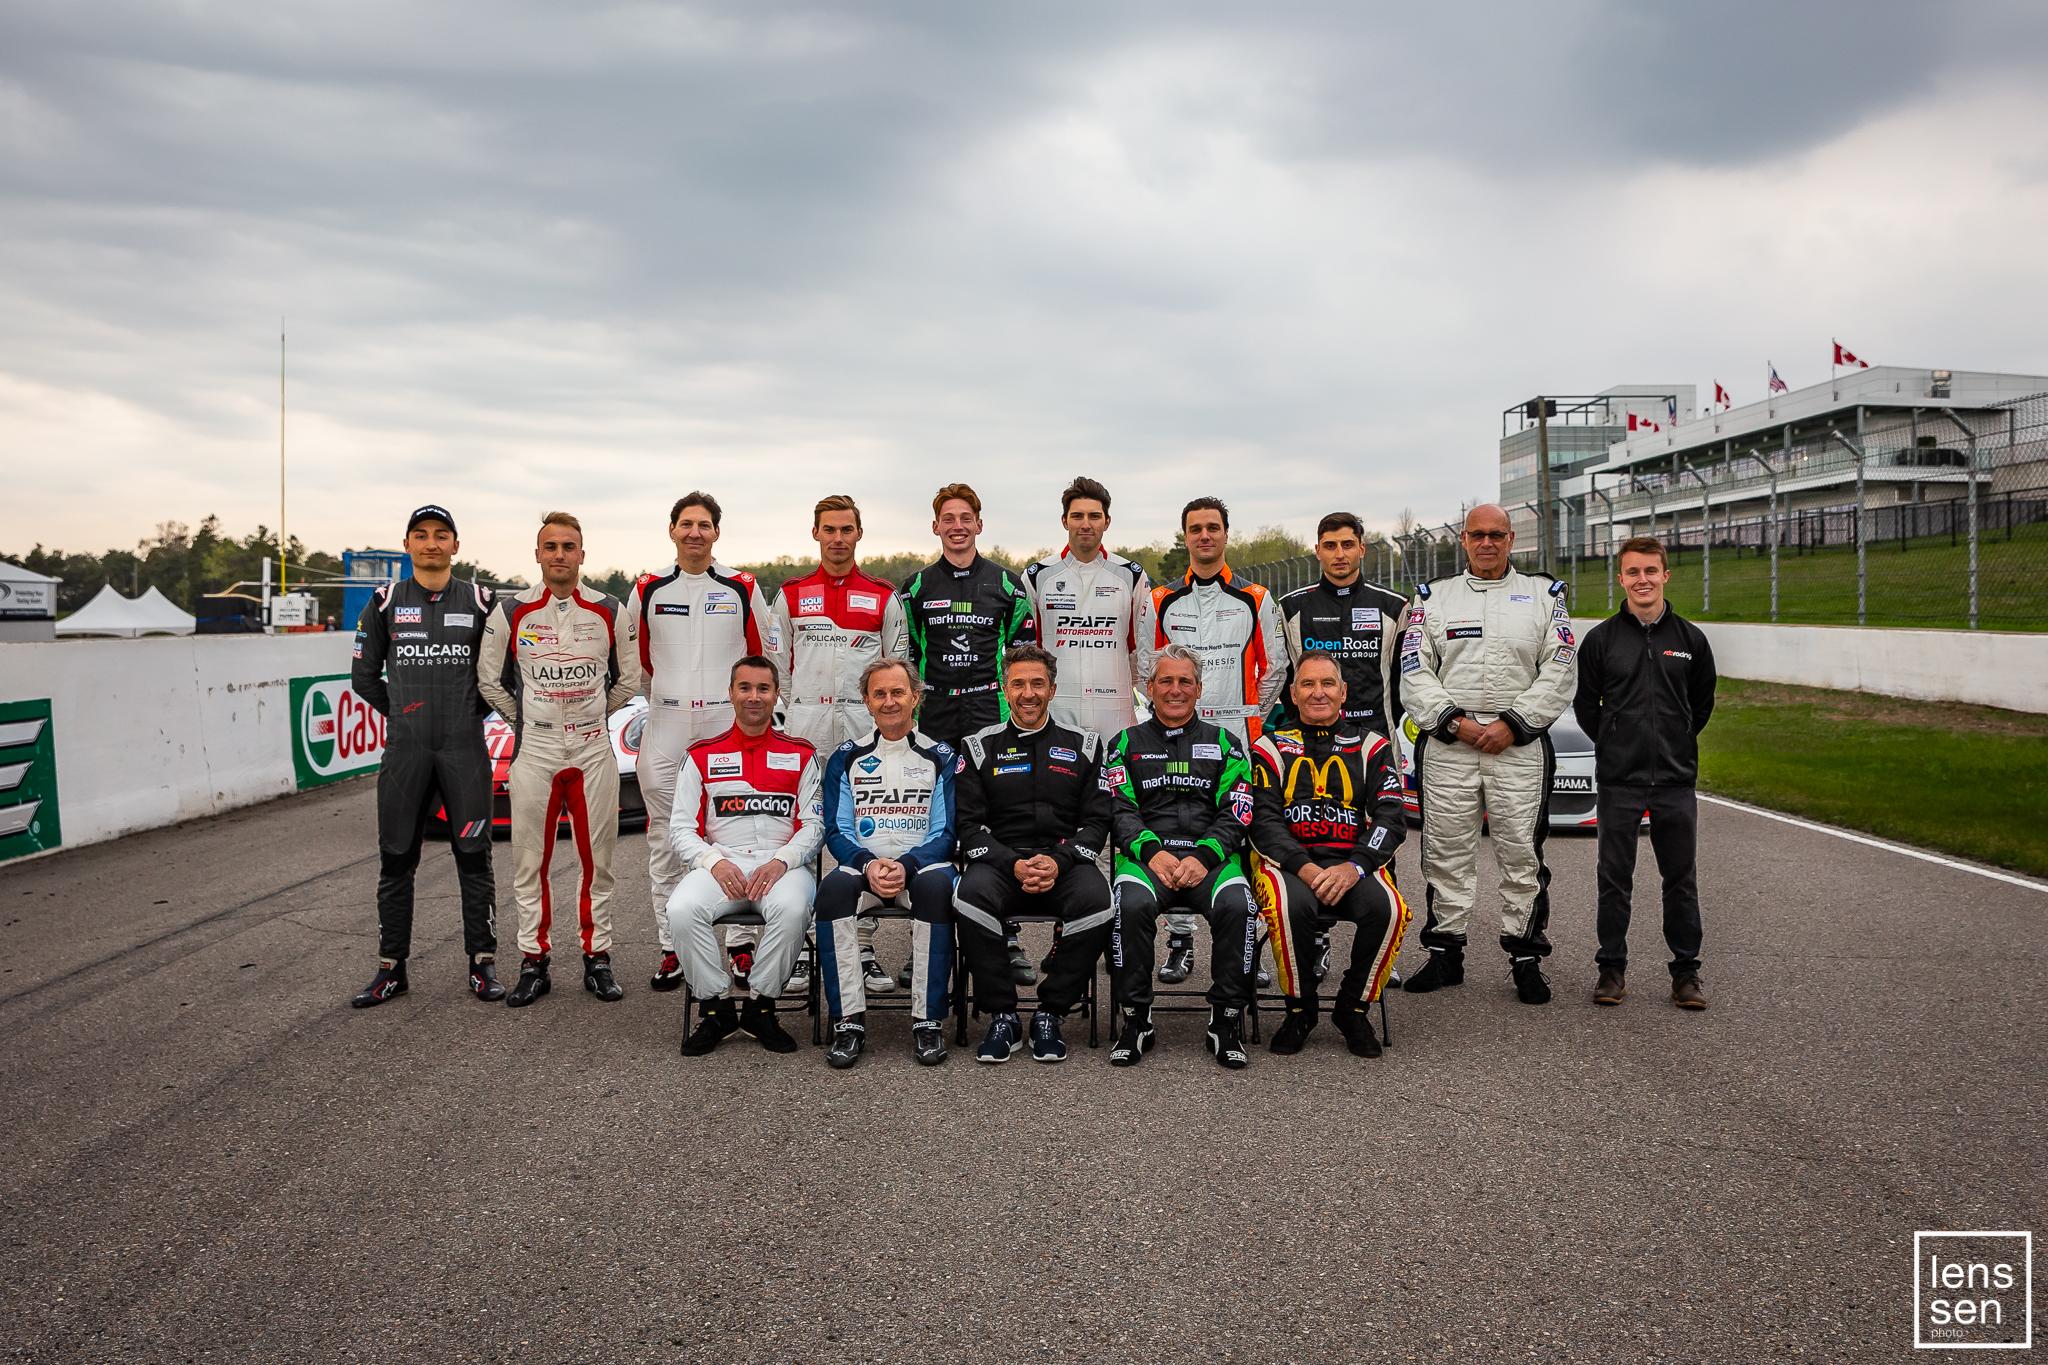 Porsche GT3 Cup Challenge Canada - 052019 - CTMP Mosport VDS 2019 - Lenssen Photo - 30 -7009.jpg